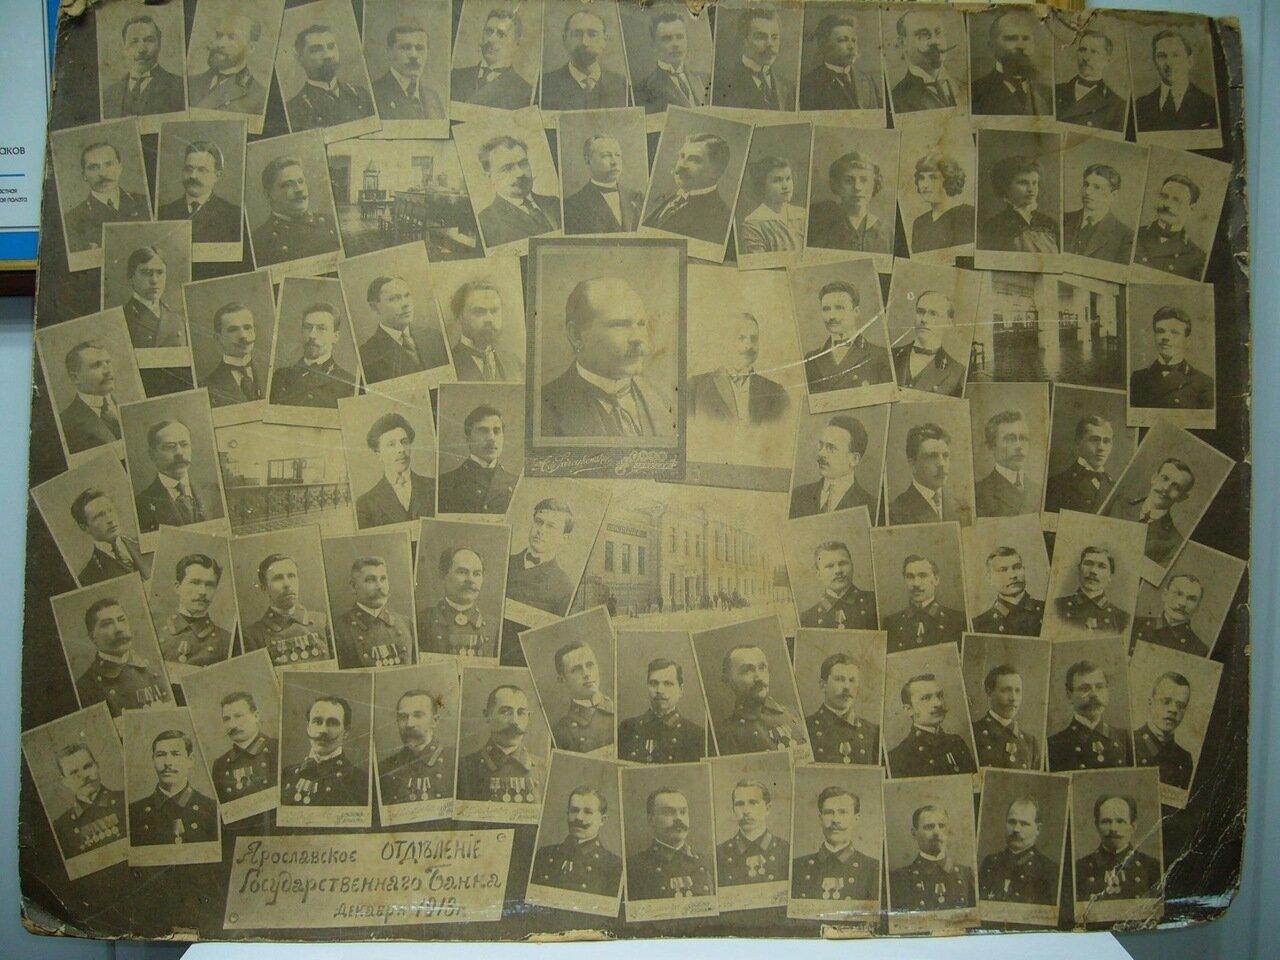 Ярославское отделение Госбанка, г. Ярославль